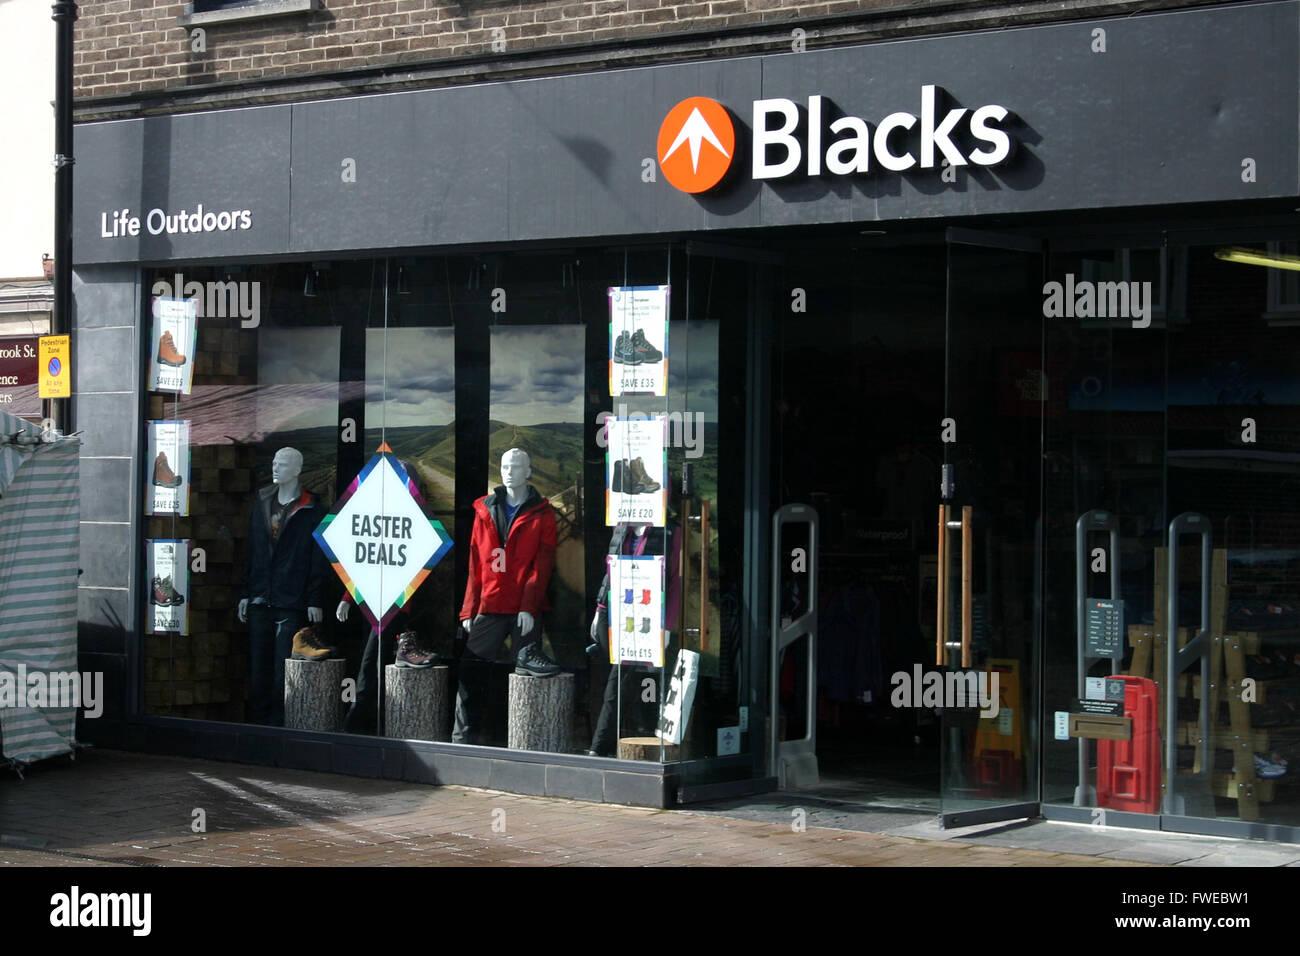 Los negros CAMPING OUTDOOR SHOP Imagen De Stock